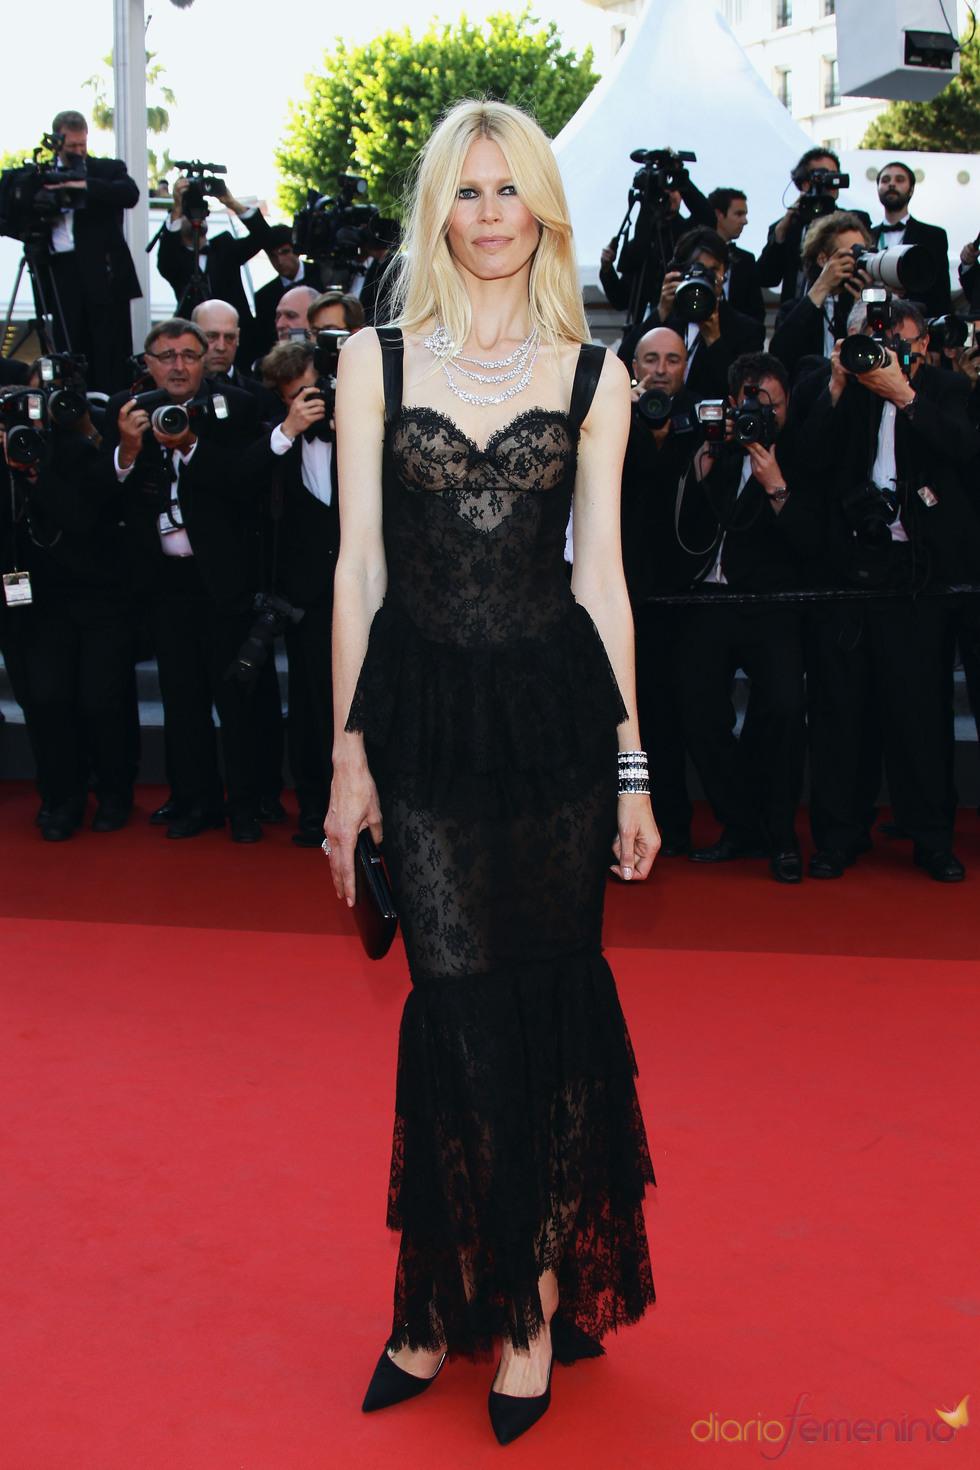 Claudia Schiffer en la premier de 'This must be the place' en Cannes 2011